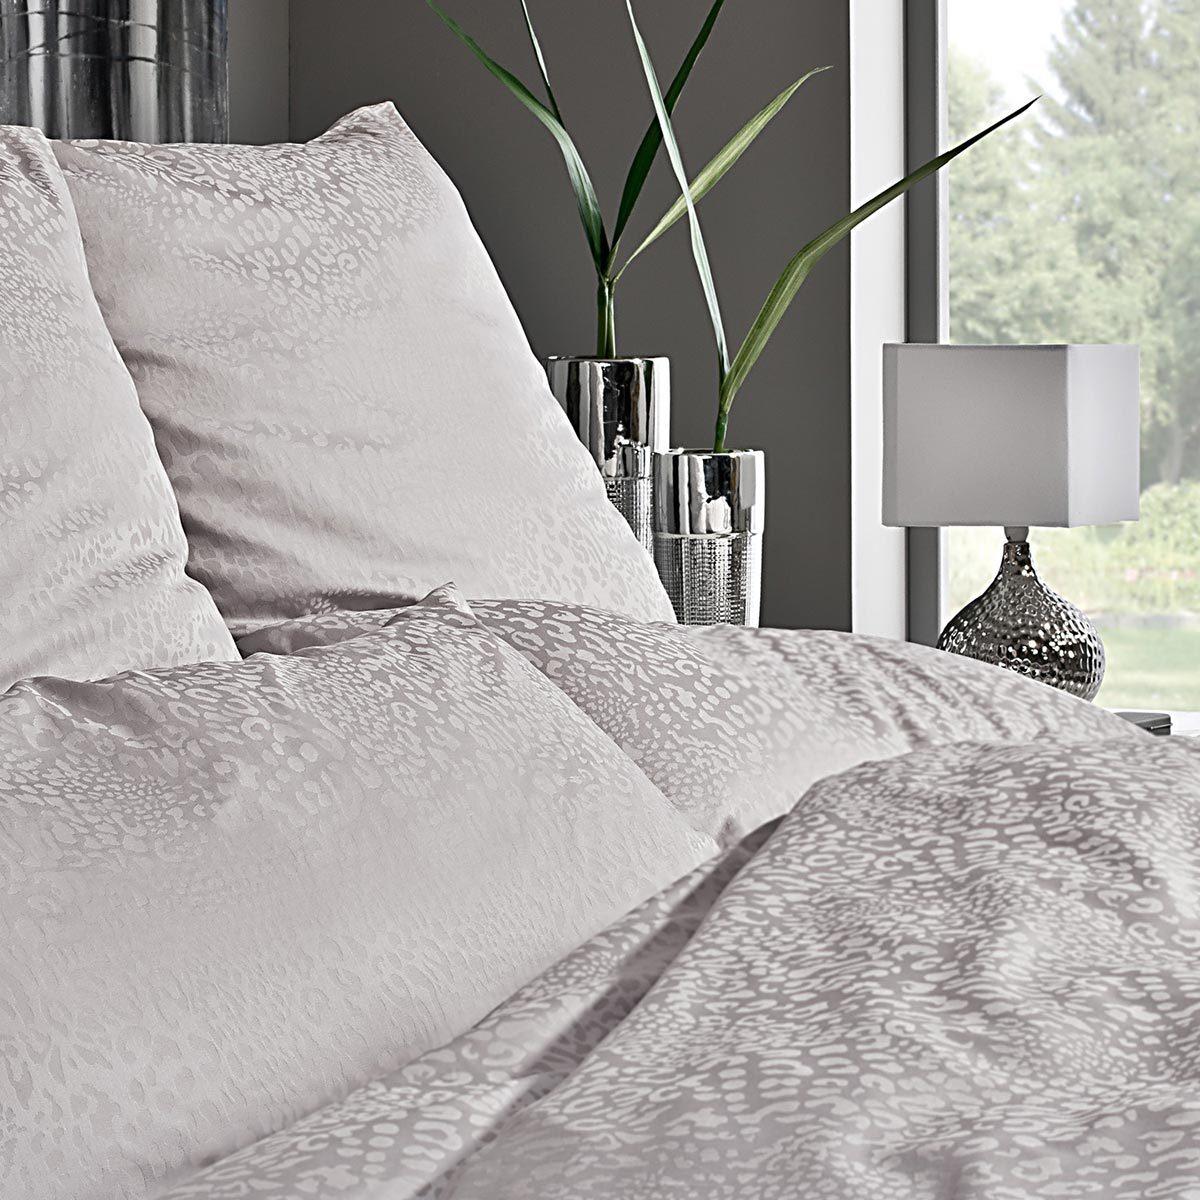 estella damast bettw sche jamal platin g nstig online kaufen bei bettwaren shop. Black Bedroom Furniture Sets. Home Design Ideas